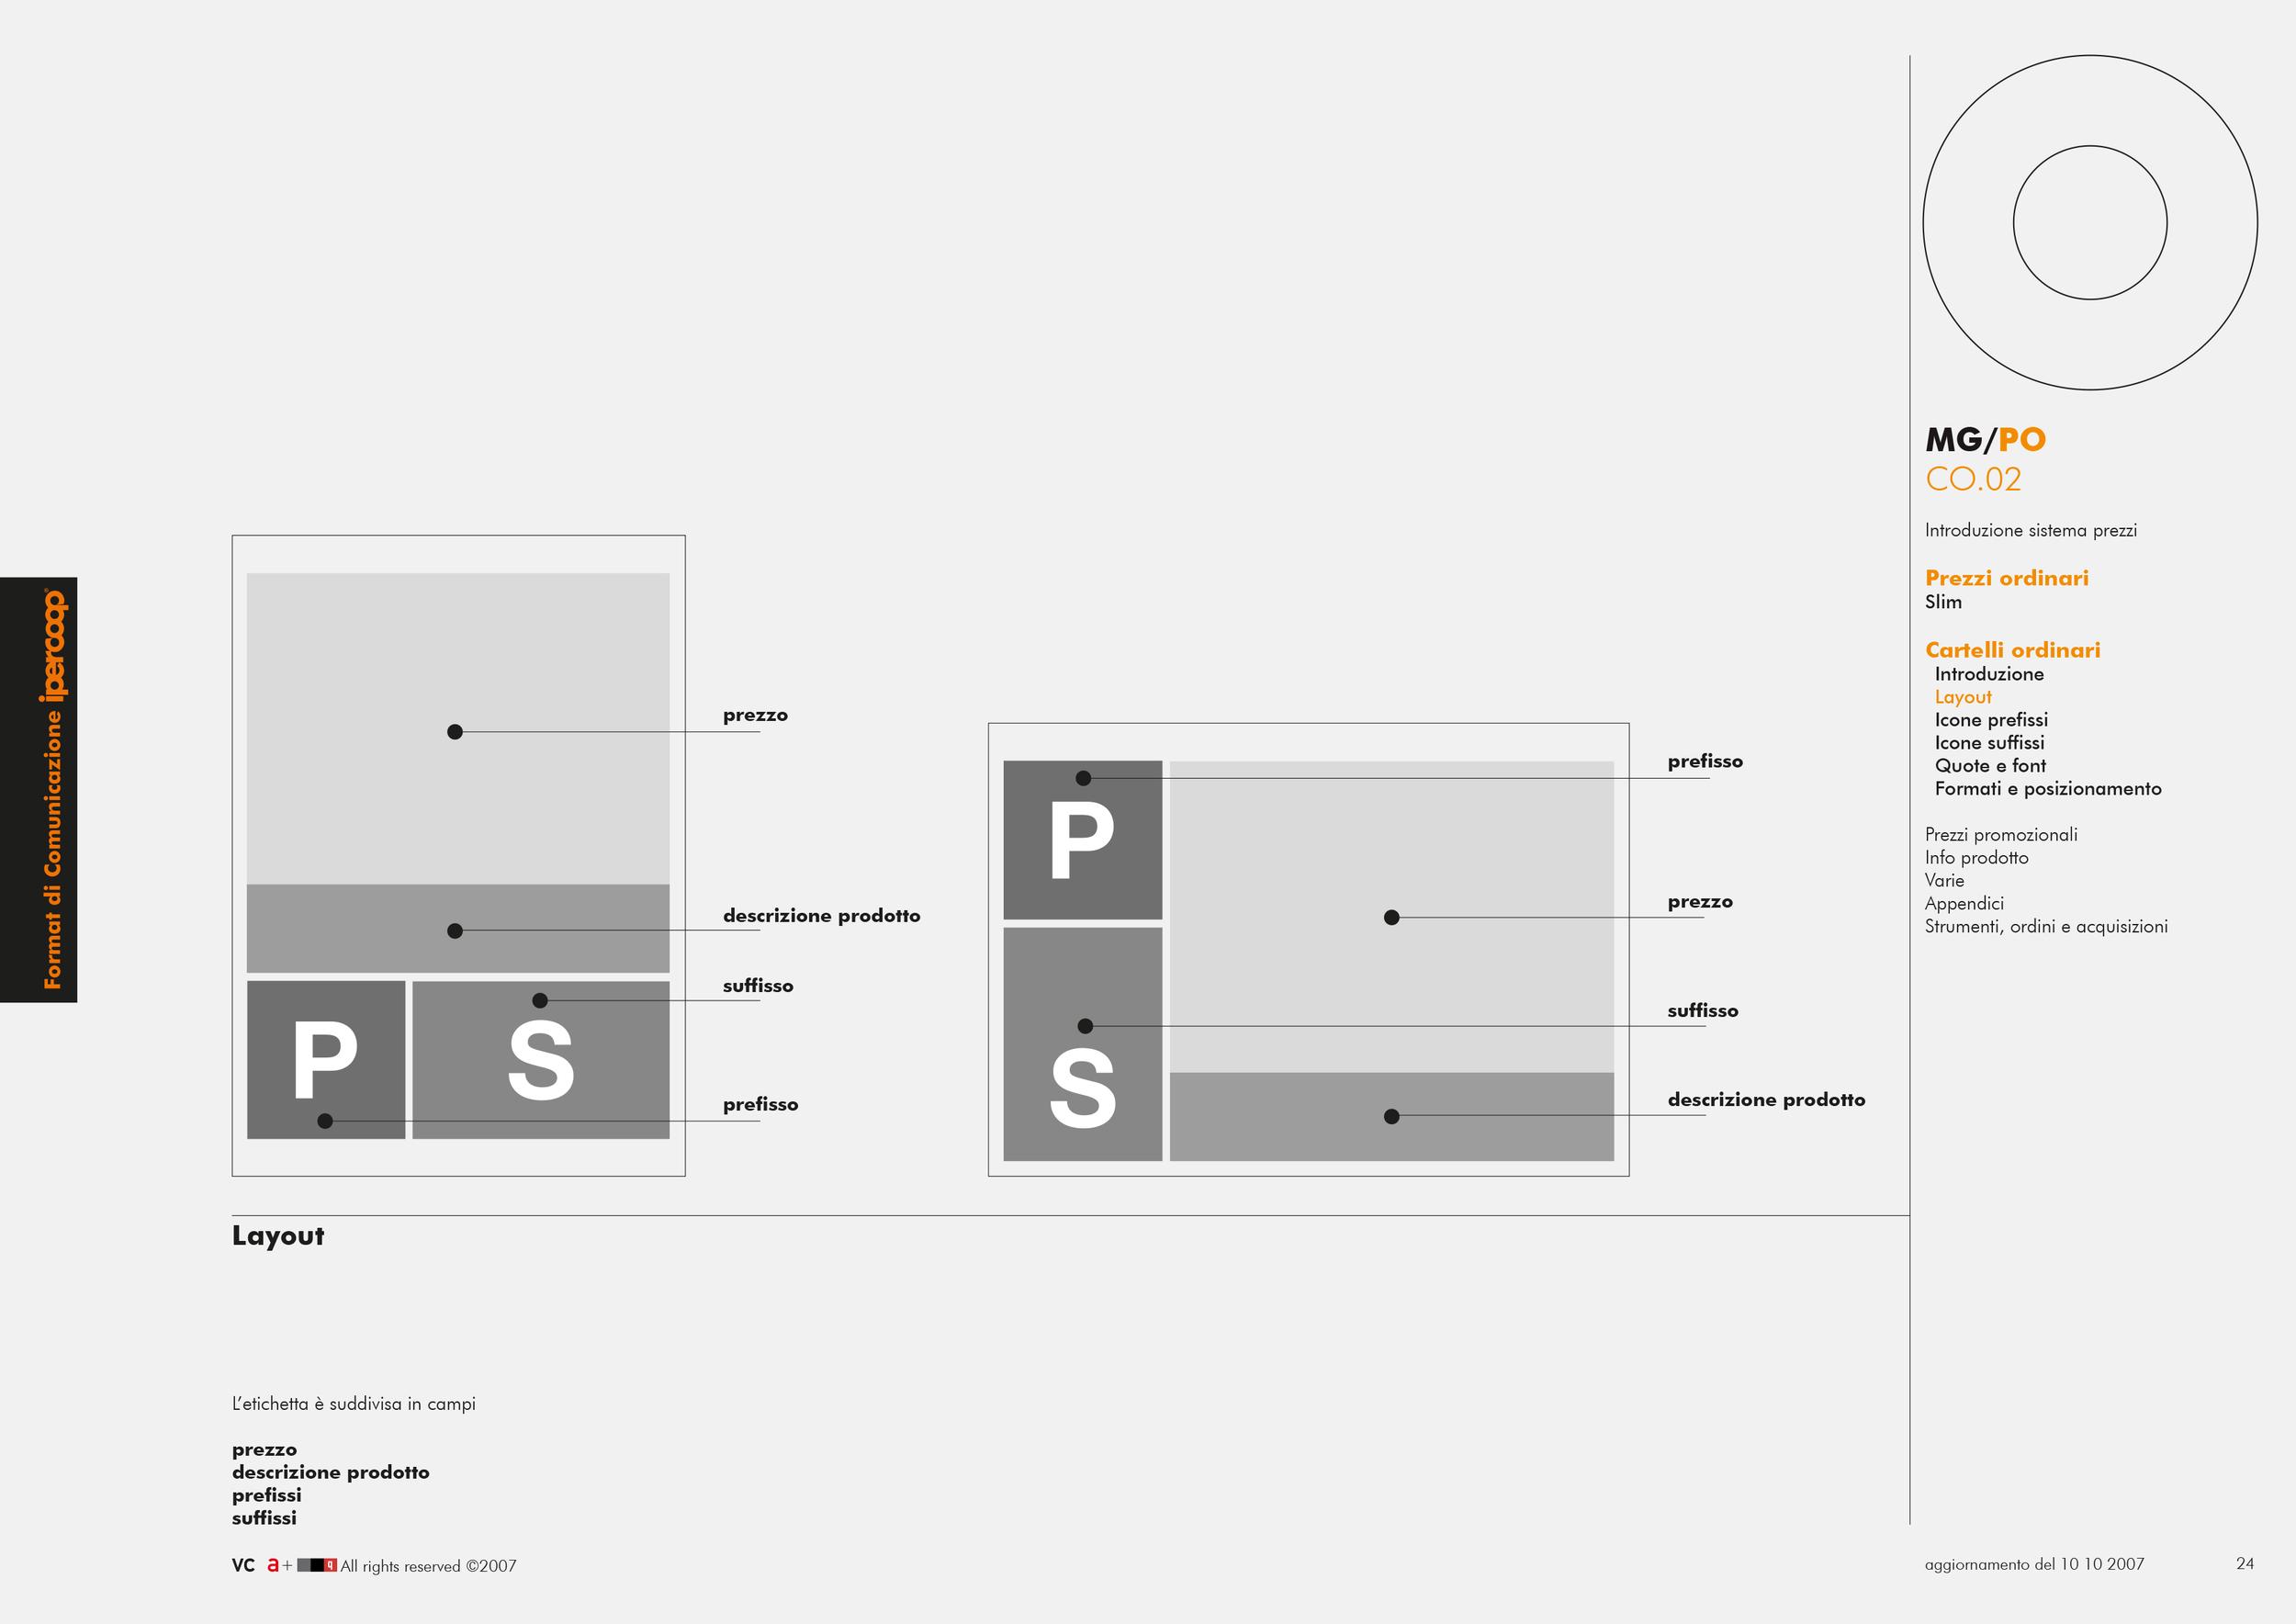 manuale-GRAFICO-10.jpg